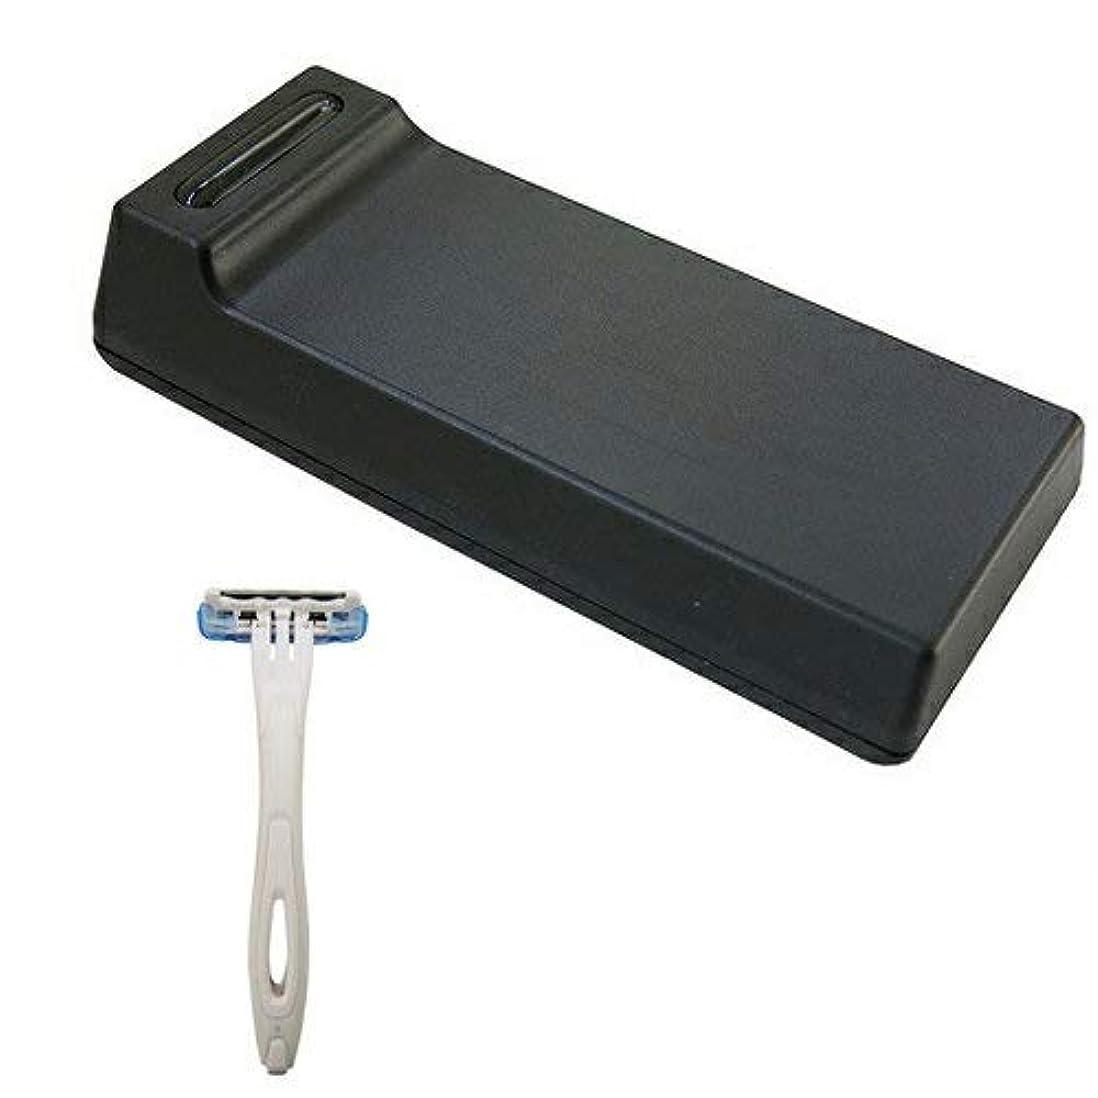 インシデント厚さアウターCannelle カミソリ刃クリーナー BladeTech ブレードテック + 貝印 使い捨てカミソリ3枚刃